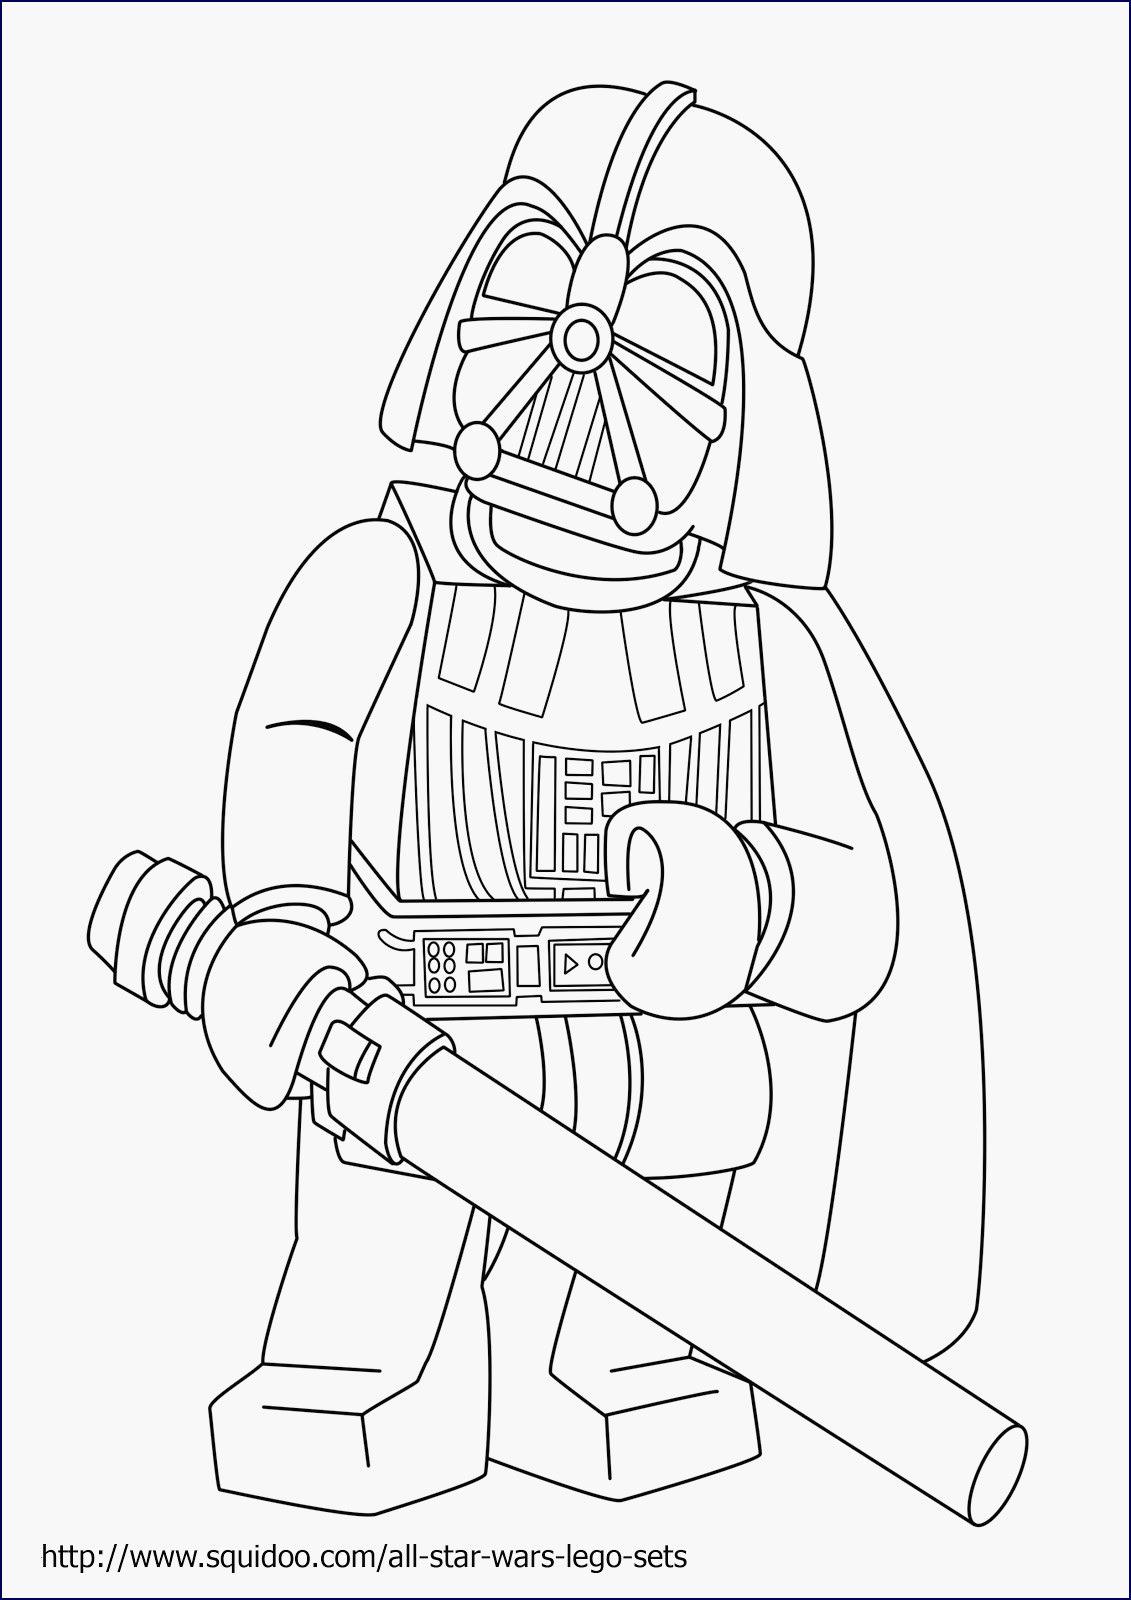 Lego Star Wars Ausmalbilder Neu 48 Frisch Clone Wars Ausmalbilder Malvorlagen Sammlungen Das Bild